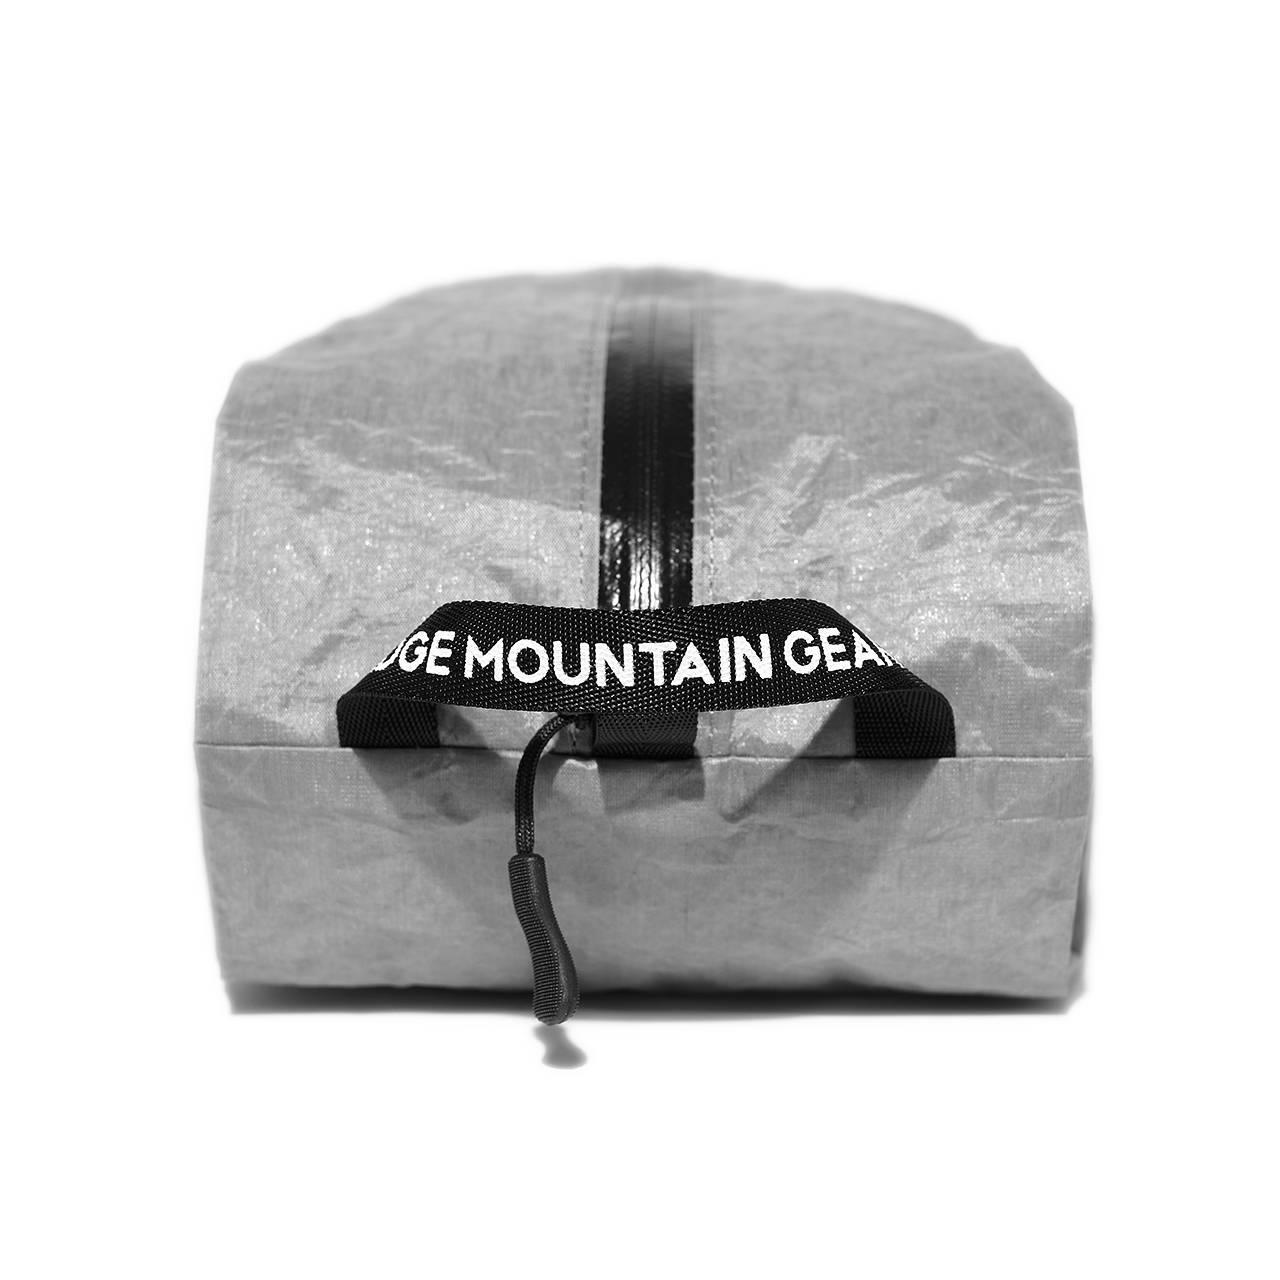 RIDGE MOUNTAIN GEAR(リッジマウンテンギア)/ケース M/ホワイト